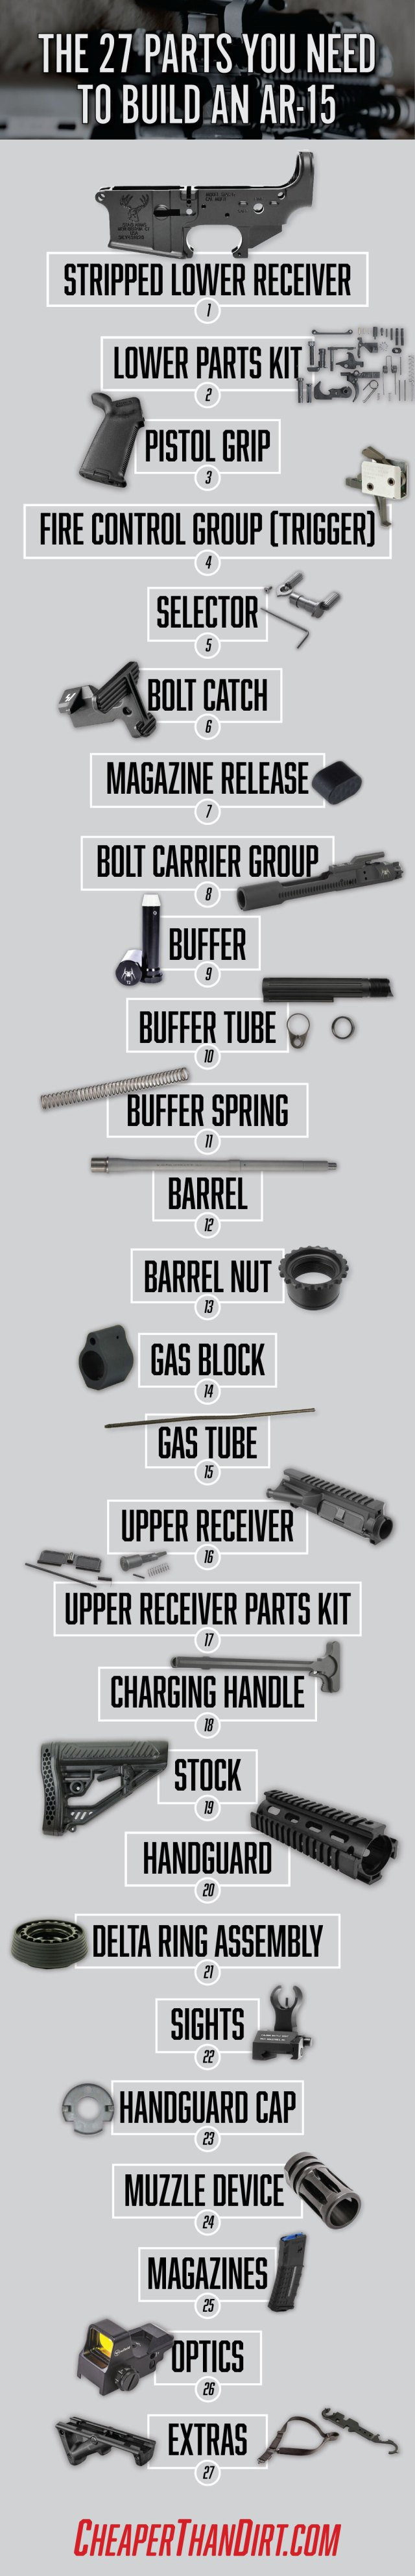 DIY AR Build Components